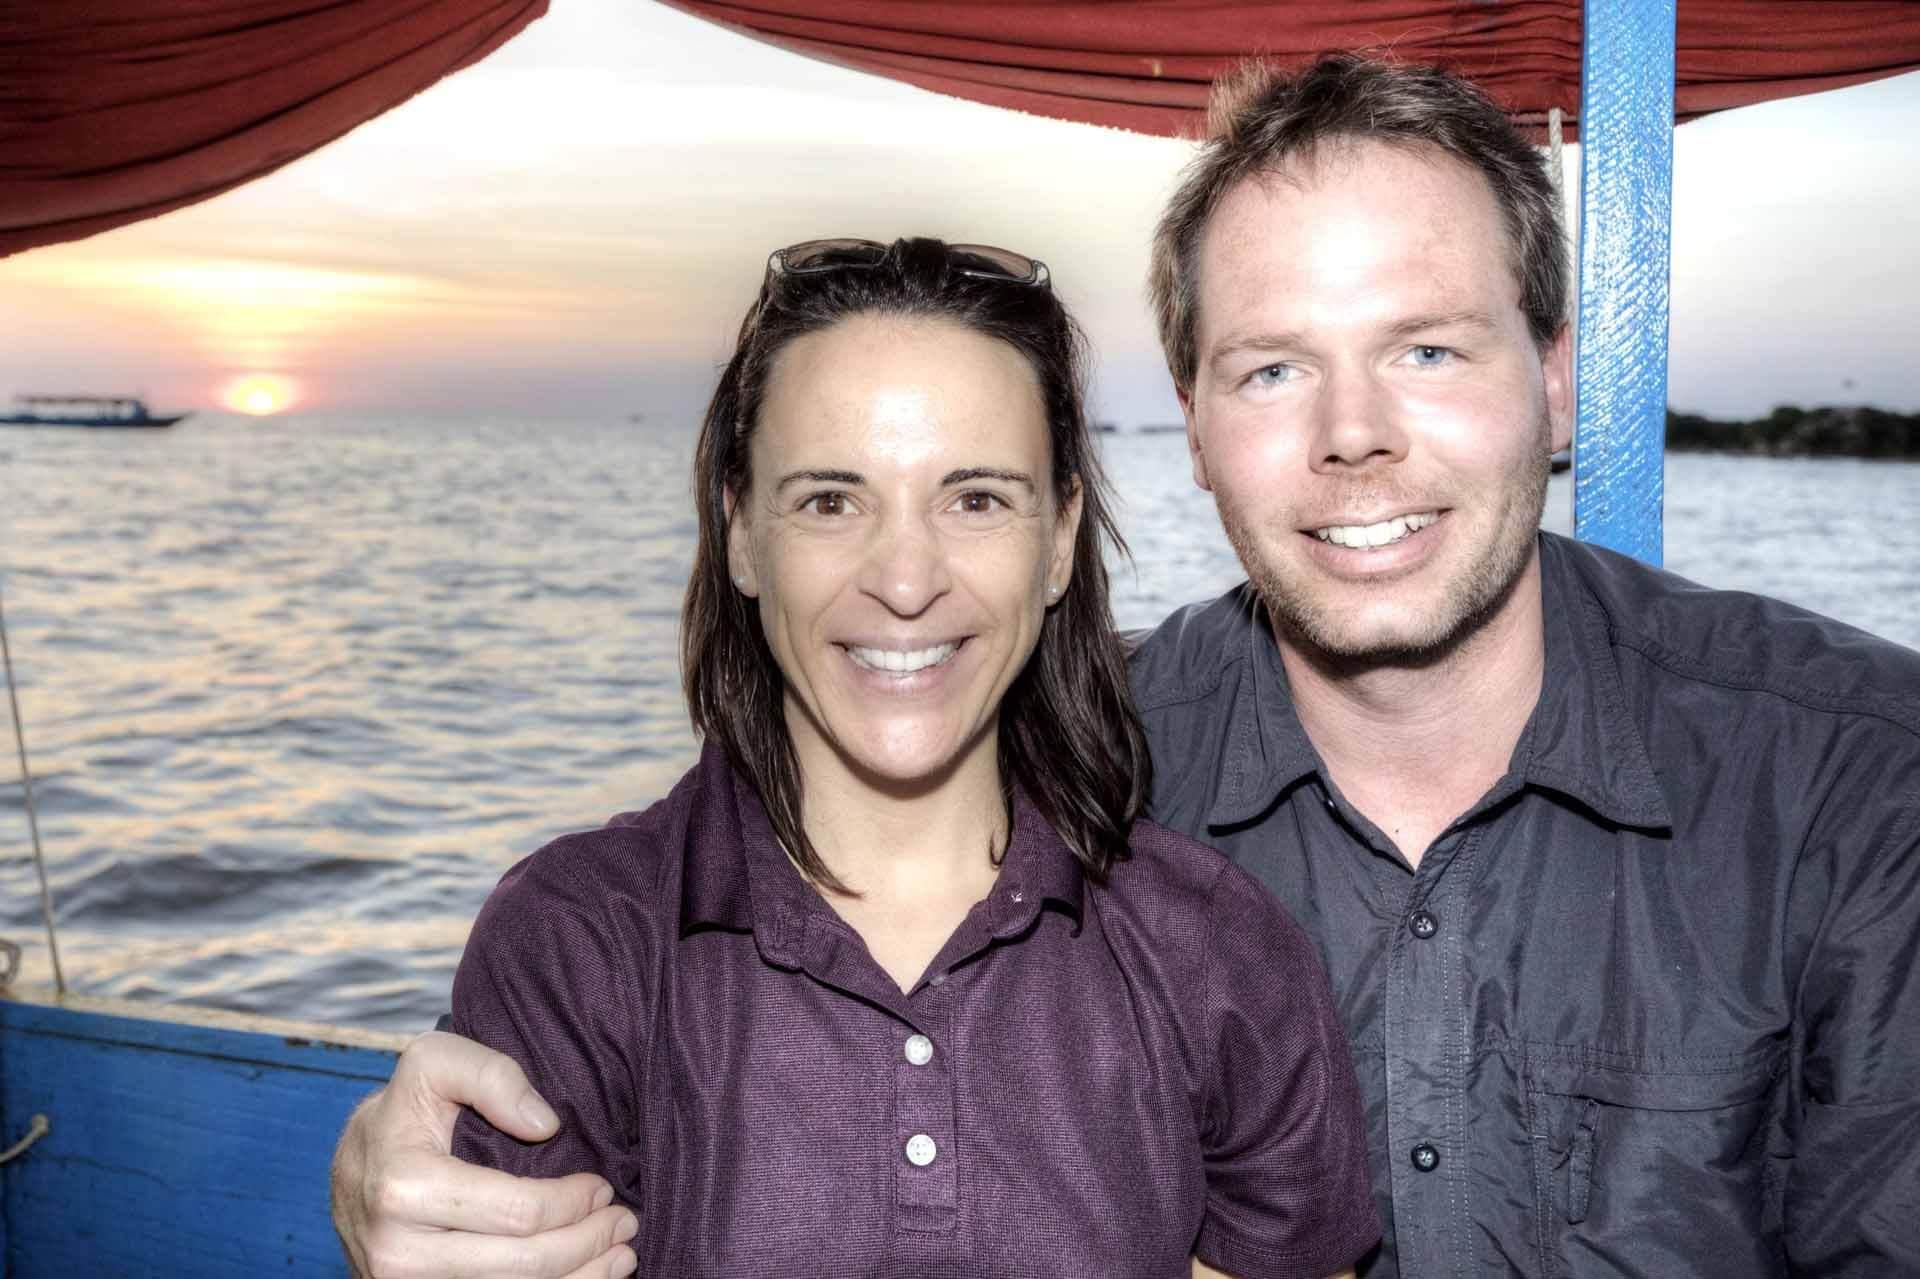 Nikki%Michi auf dem Tonle-Sap-See in der Region Siem Reap